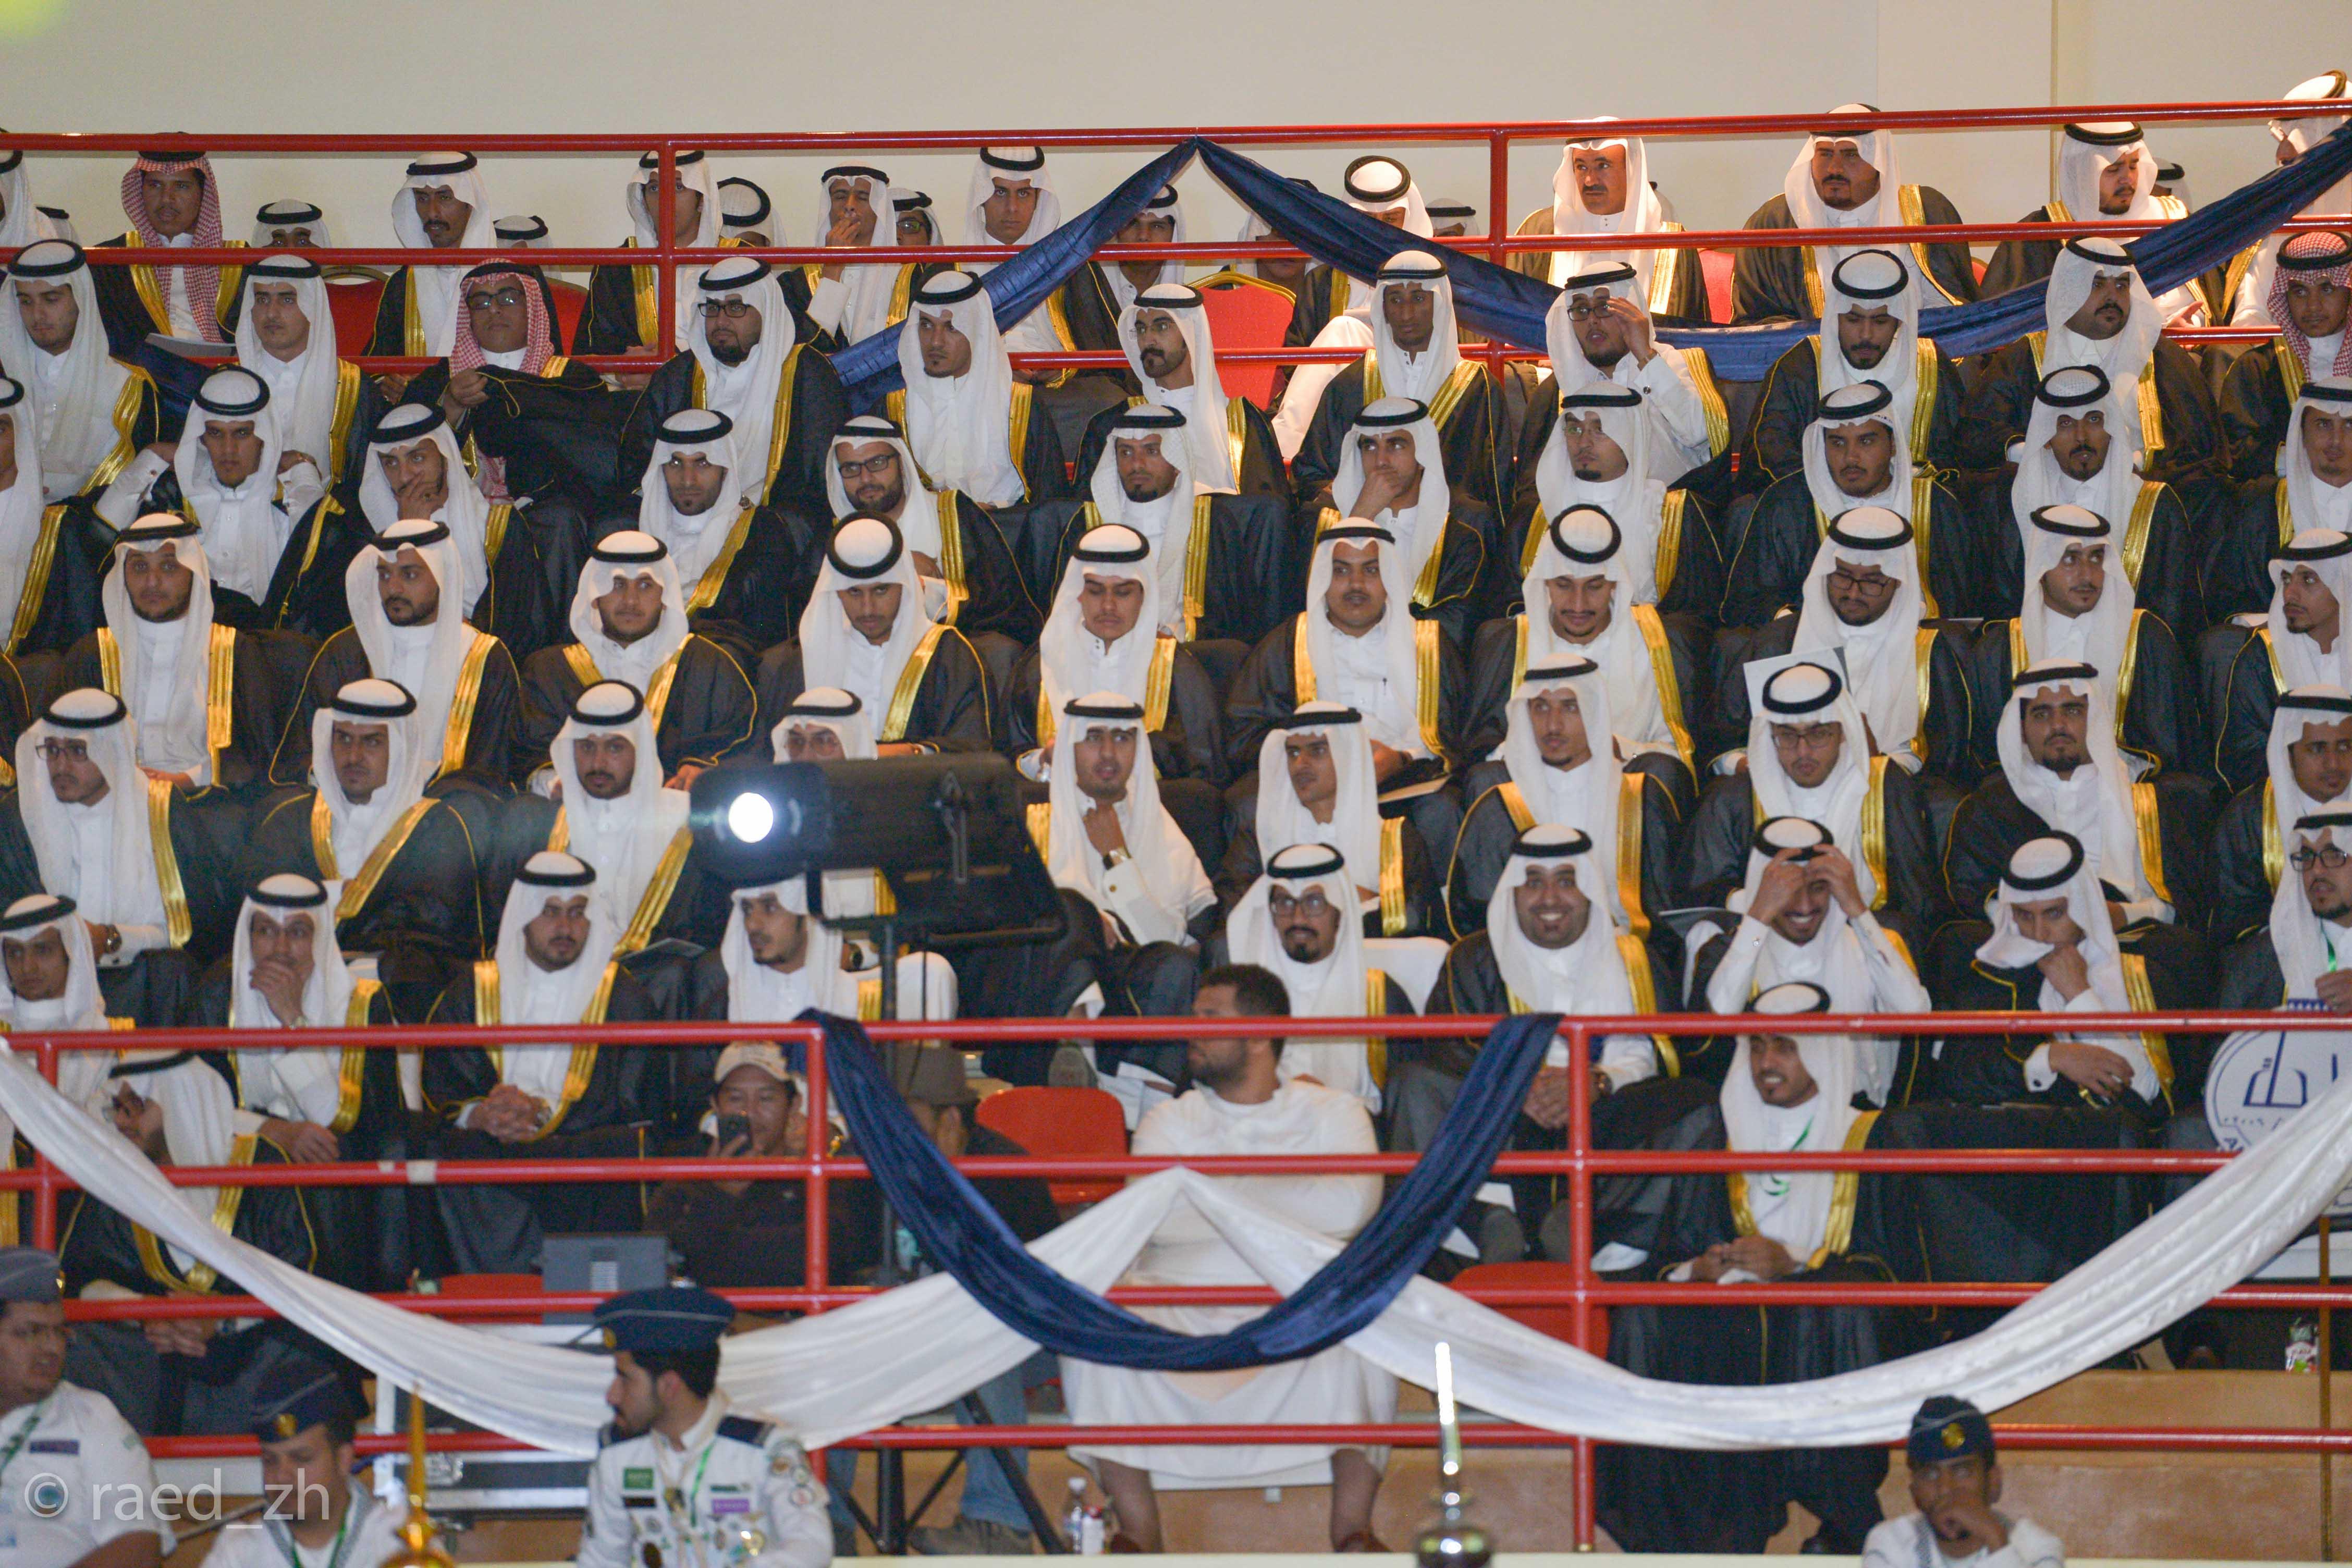 امير الباحة يرعى تخريج الدفعة العاشرة من طلاب وطالبات جامعة الباحة (16)